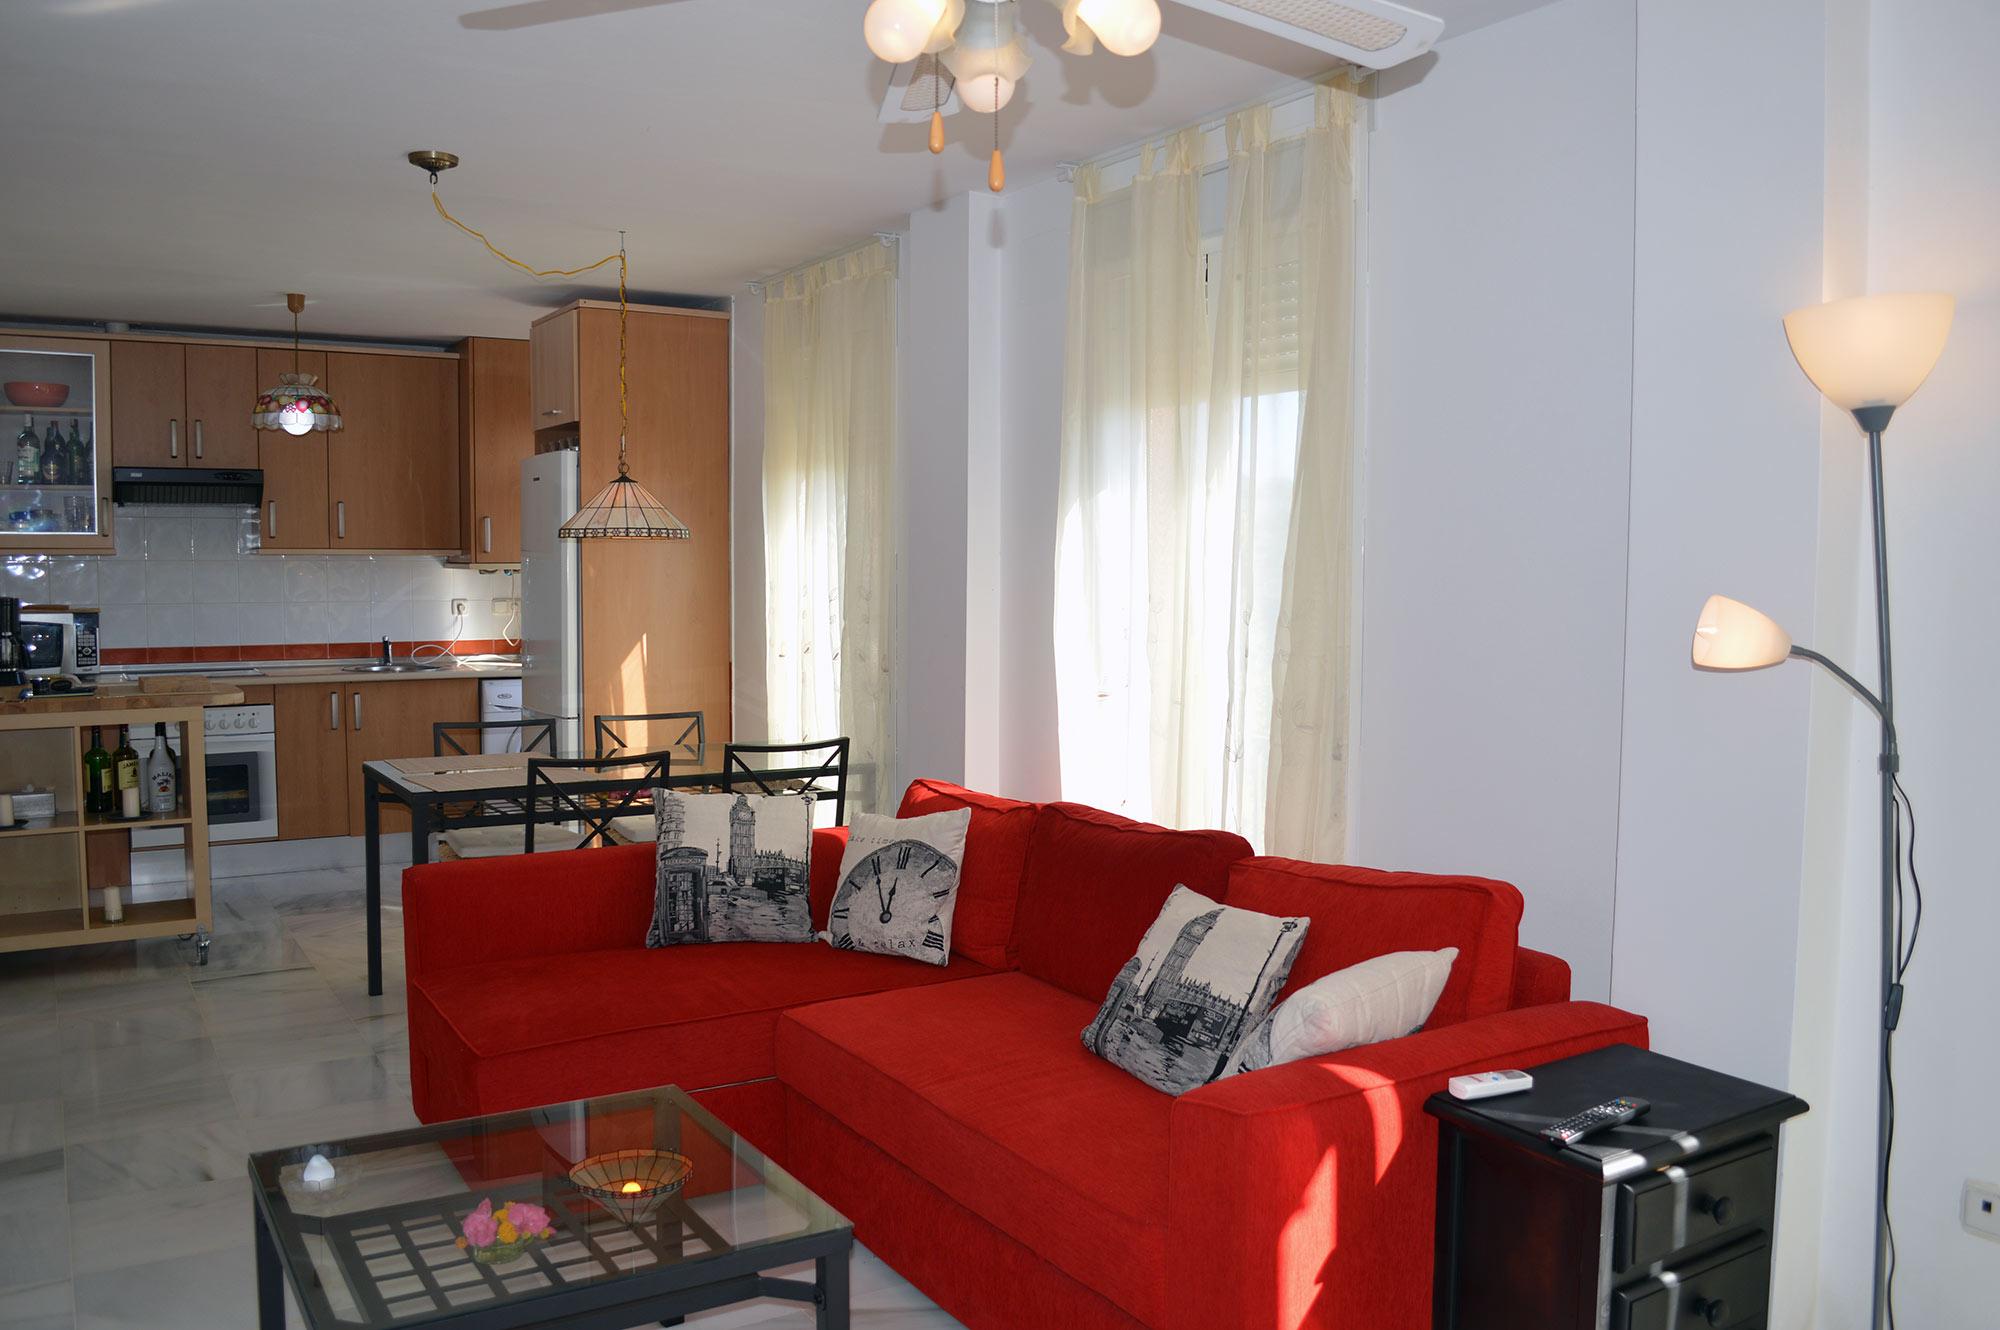 https://estepona-apartments.com/aplicacion/vistas/imagenes/1550218276-3.jpg